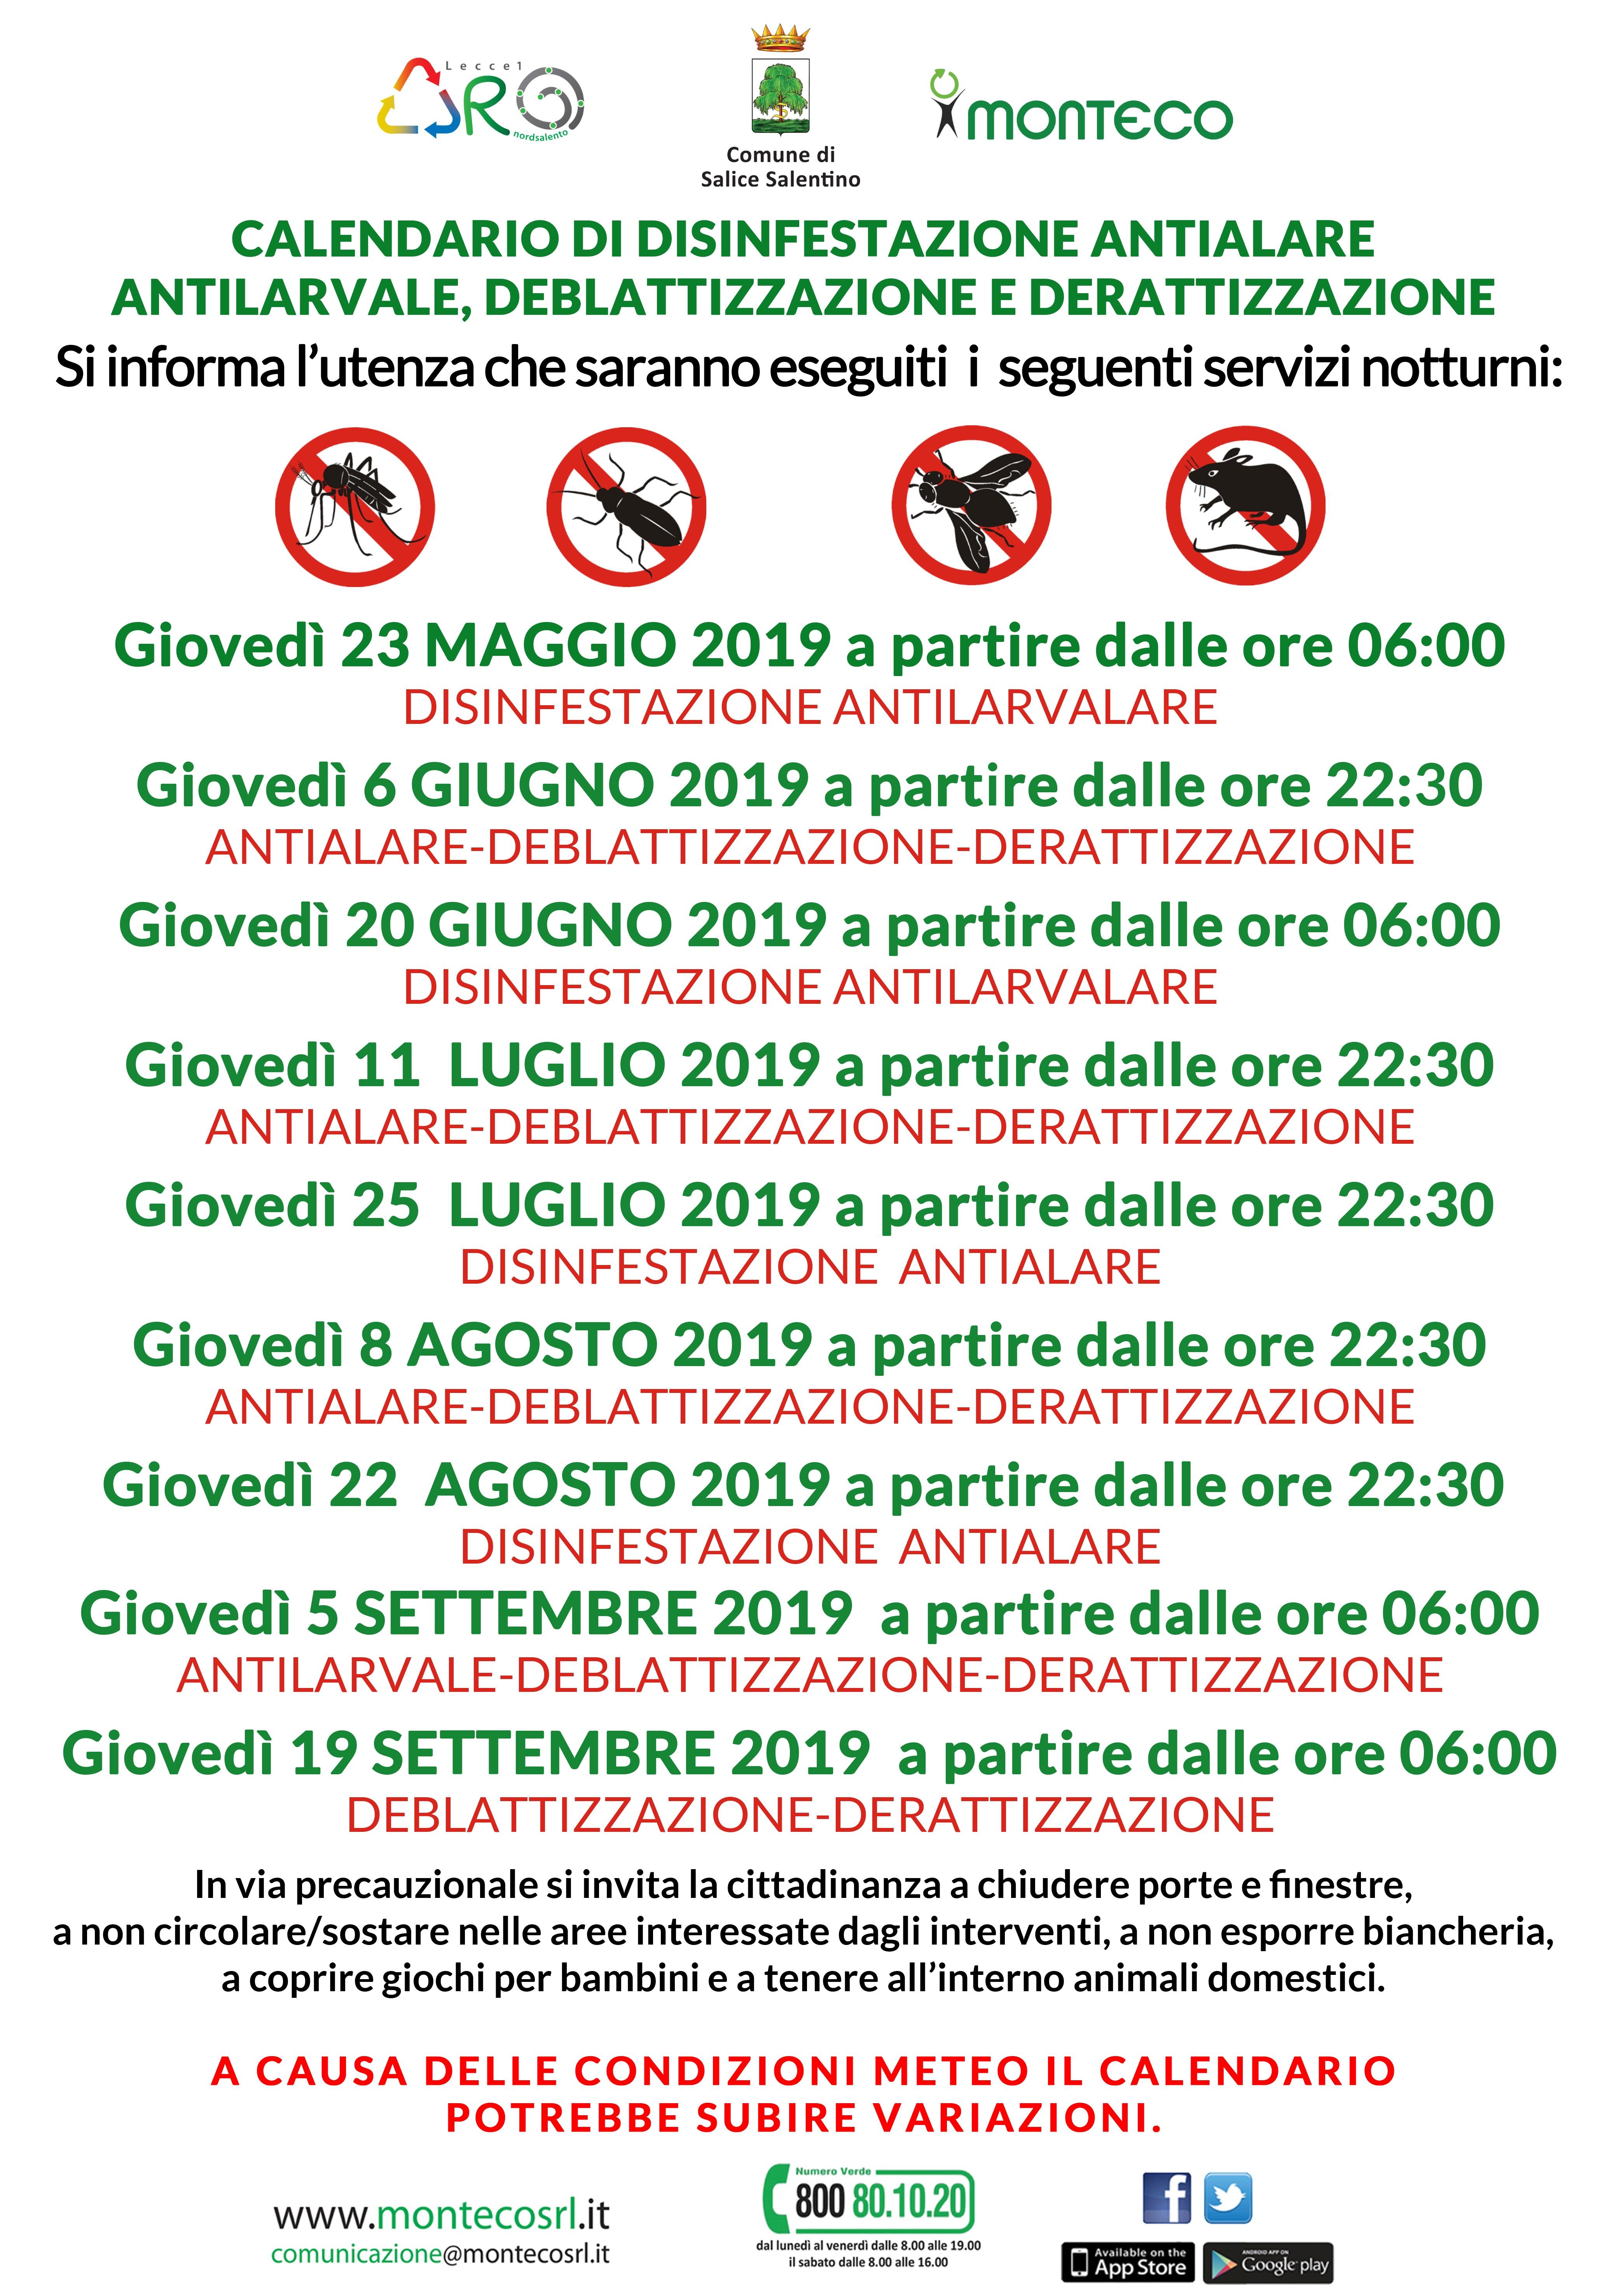 Salice Salentino - Calendario di disinfestazione antialare, deblattizzazione e derattizzazione